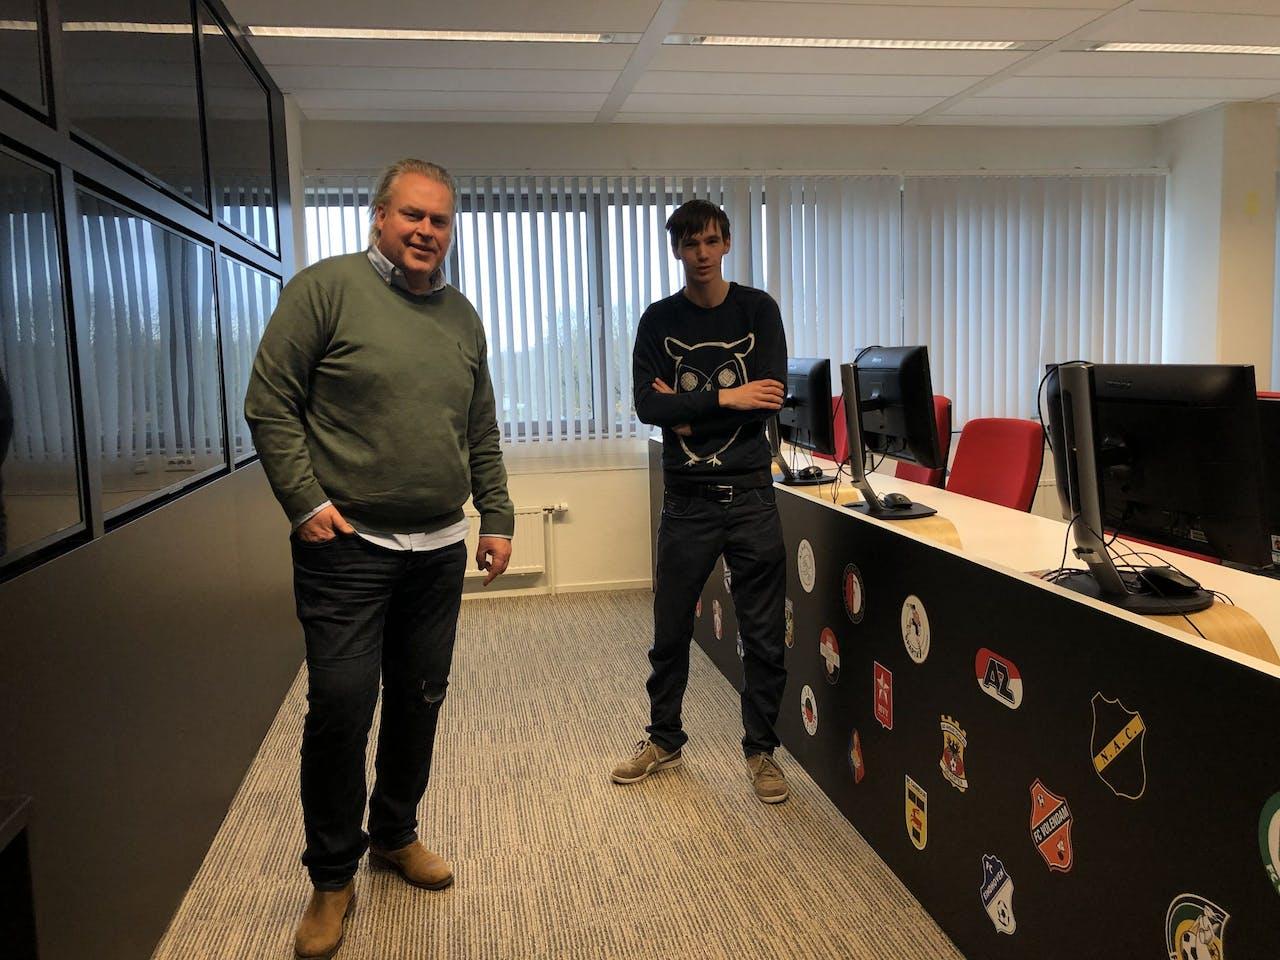 Hoofdredacteuren Peter Wekking (links) en Pieter Zwart (rechts) voor lege tv-schermen op het kantoor van VI.